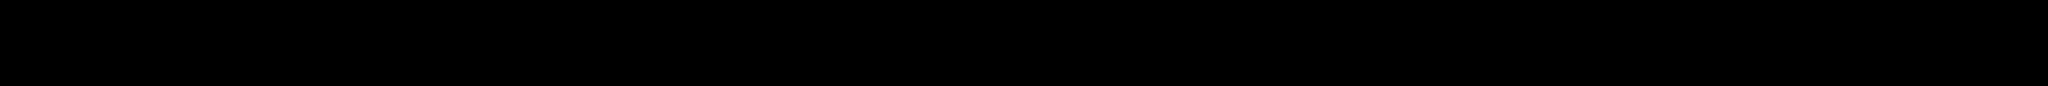 MOOG 1J0 498 625, 1J0 498 625 A, 1J0 598 625, 5182037/1, 1J0 498 625 Juego de cojinete de rueda